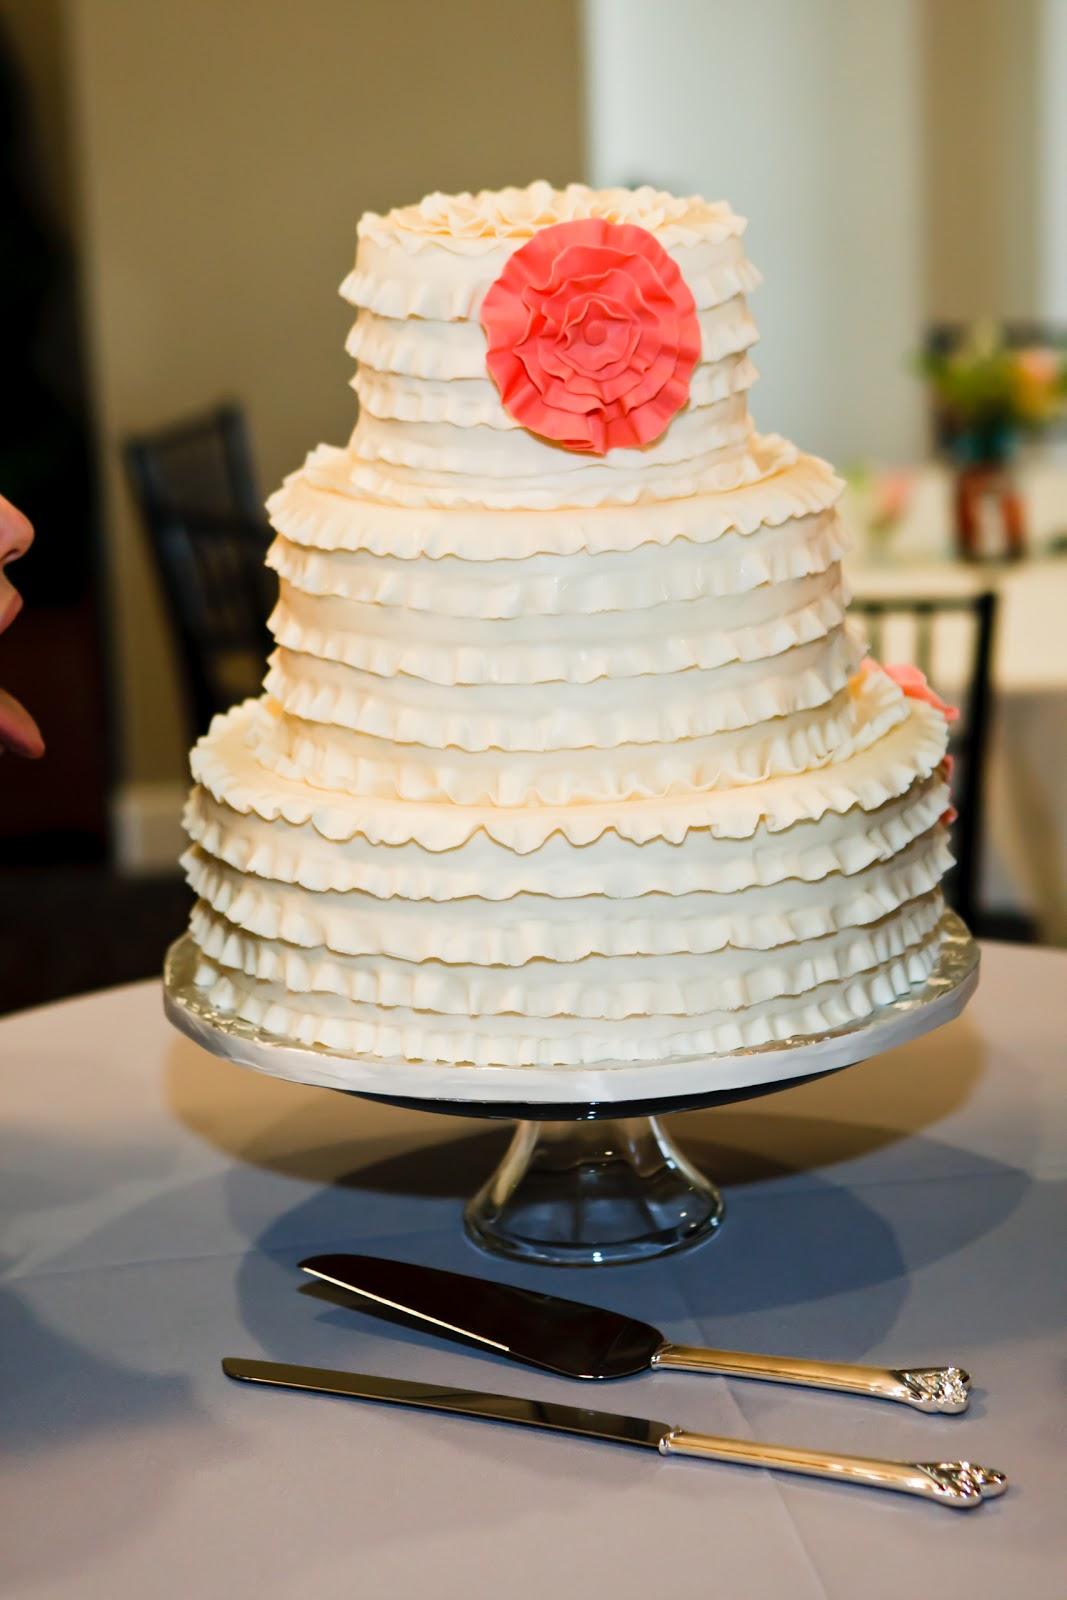 Imagens De Flores De Casamento - arco flores do casamento AliExpress com